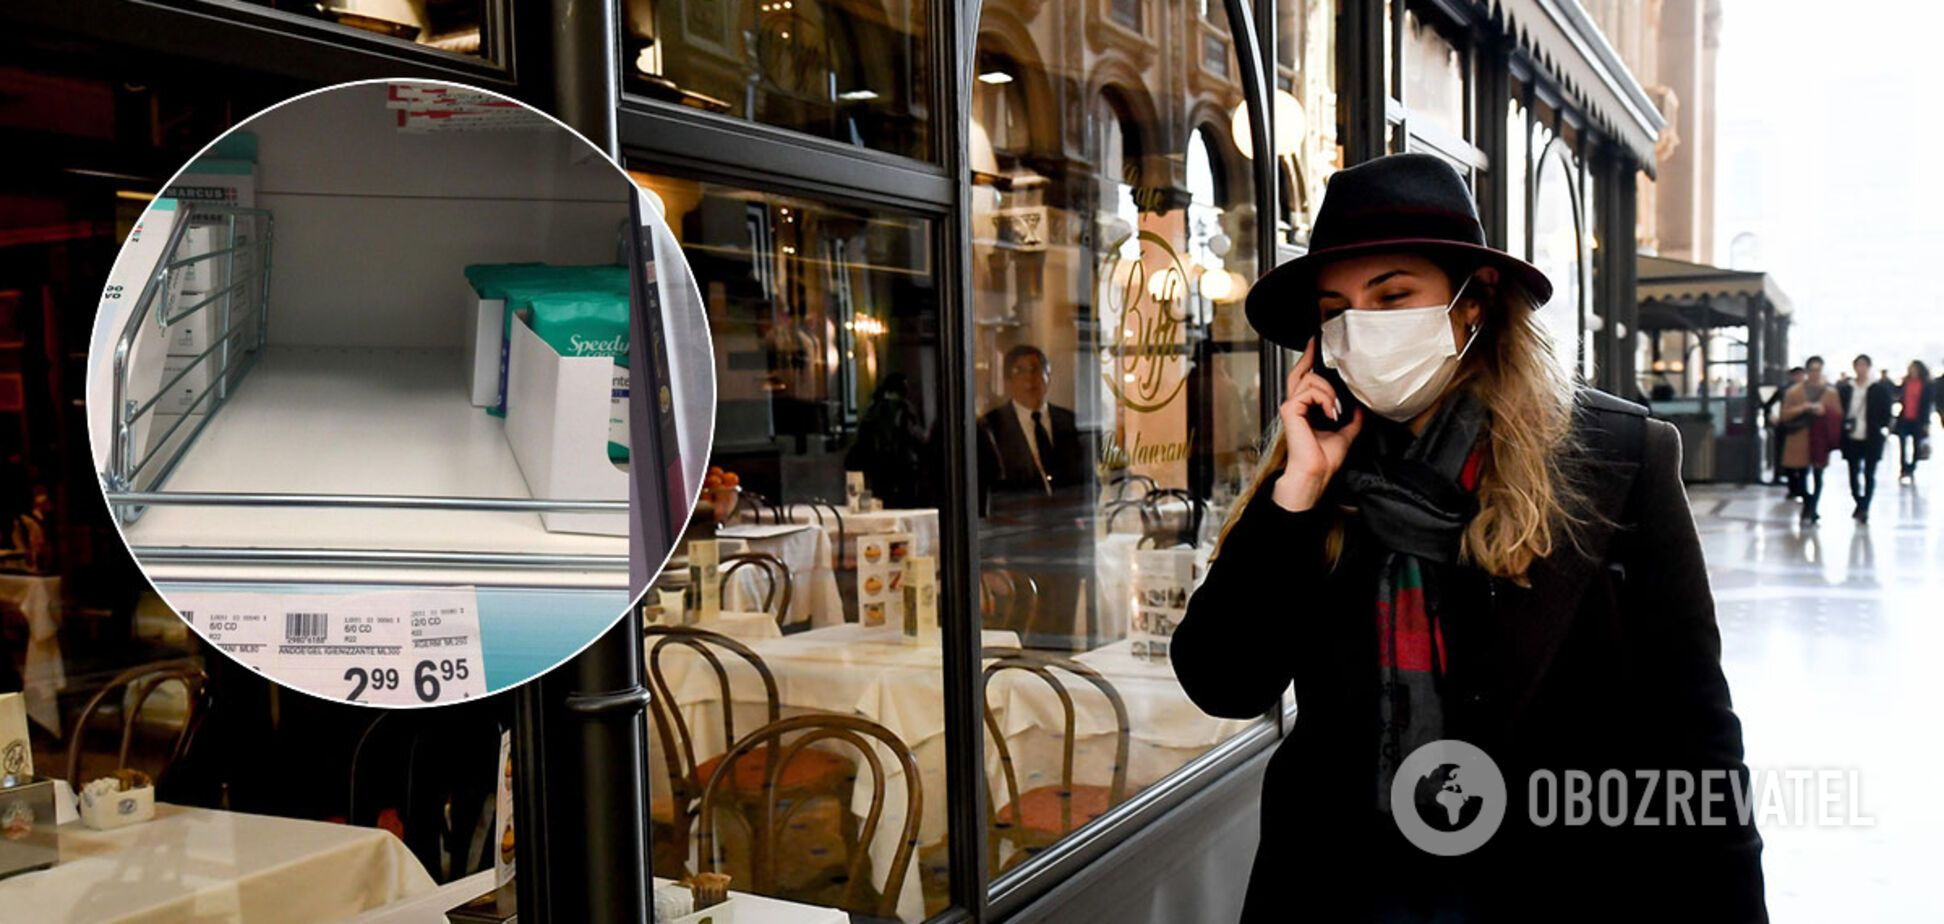 В Італії в паніці закрили азійські заклади й підняли ціни на маски. Фото